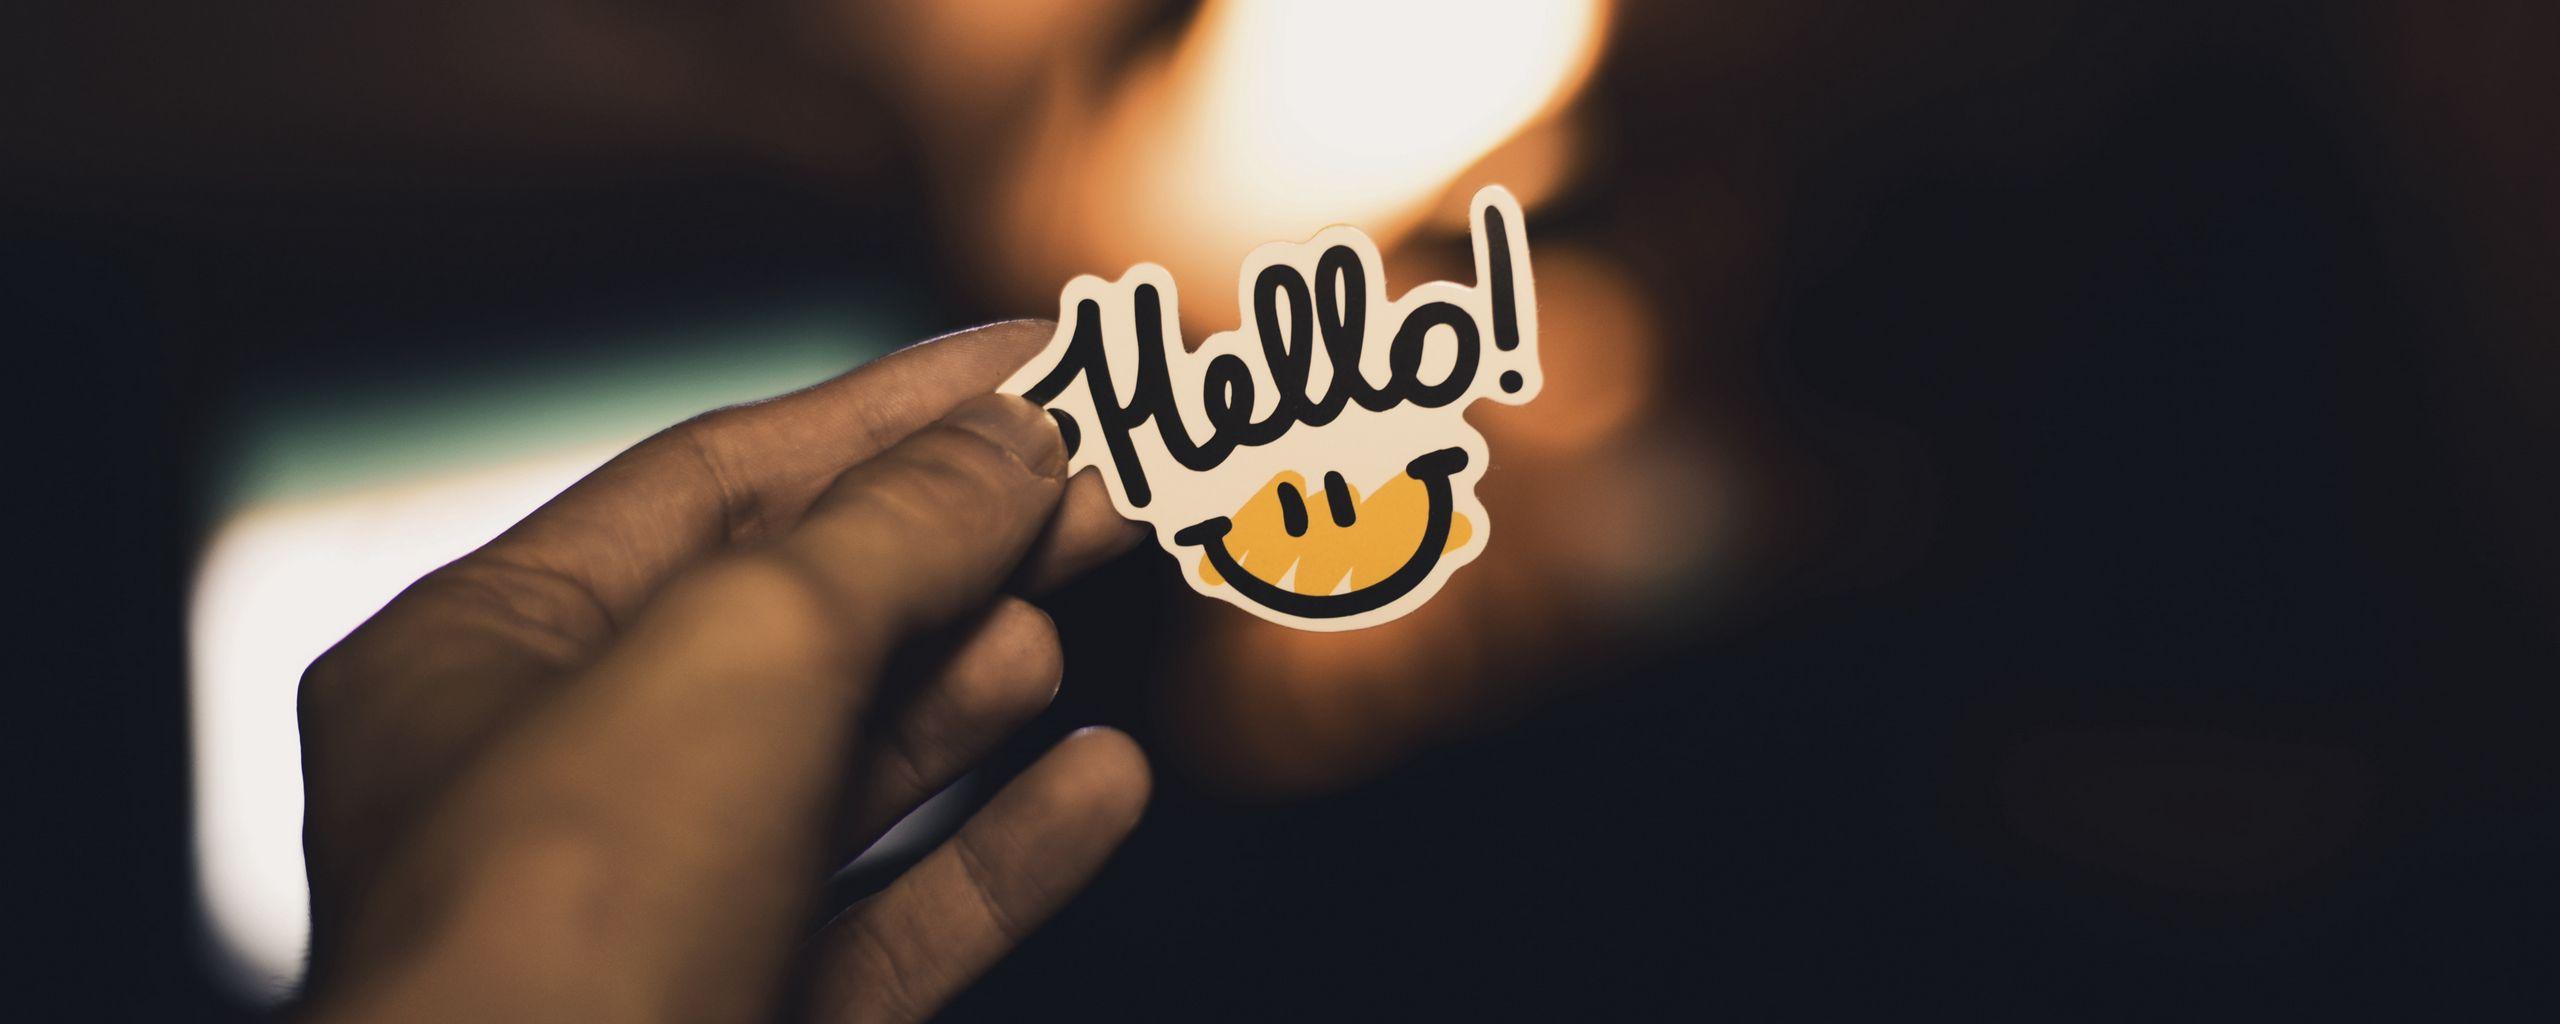 2560x1024 Wallpaper smile, inscription, hand, hello